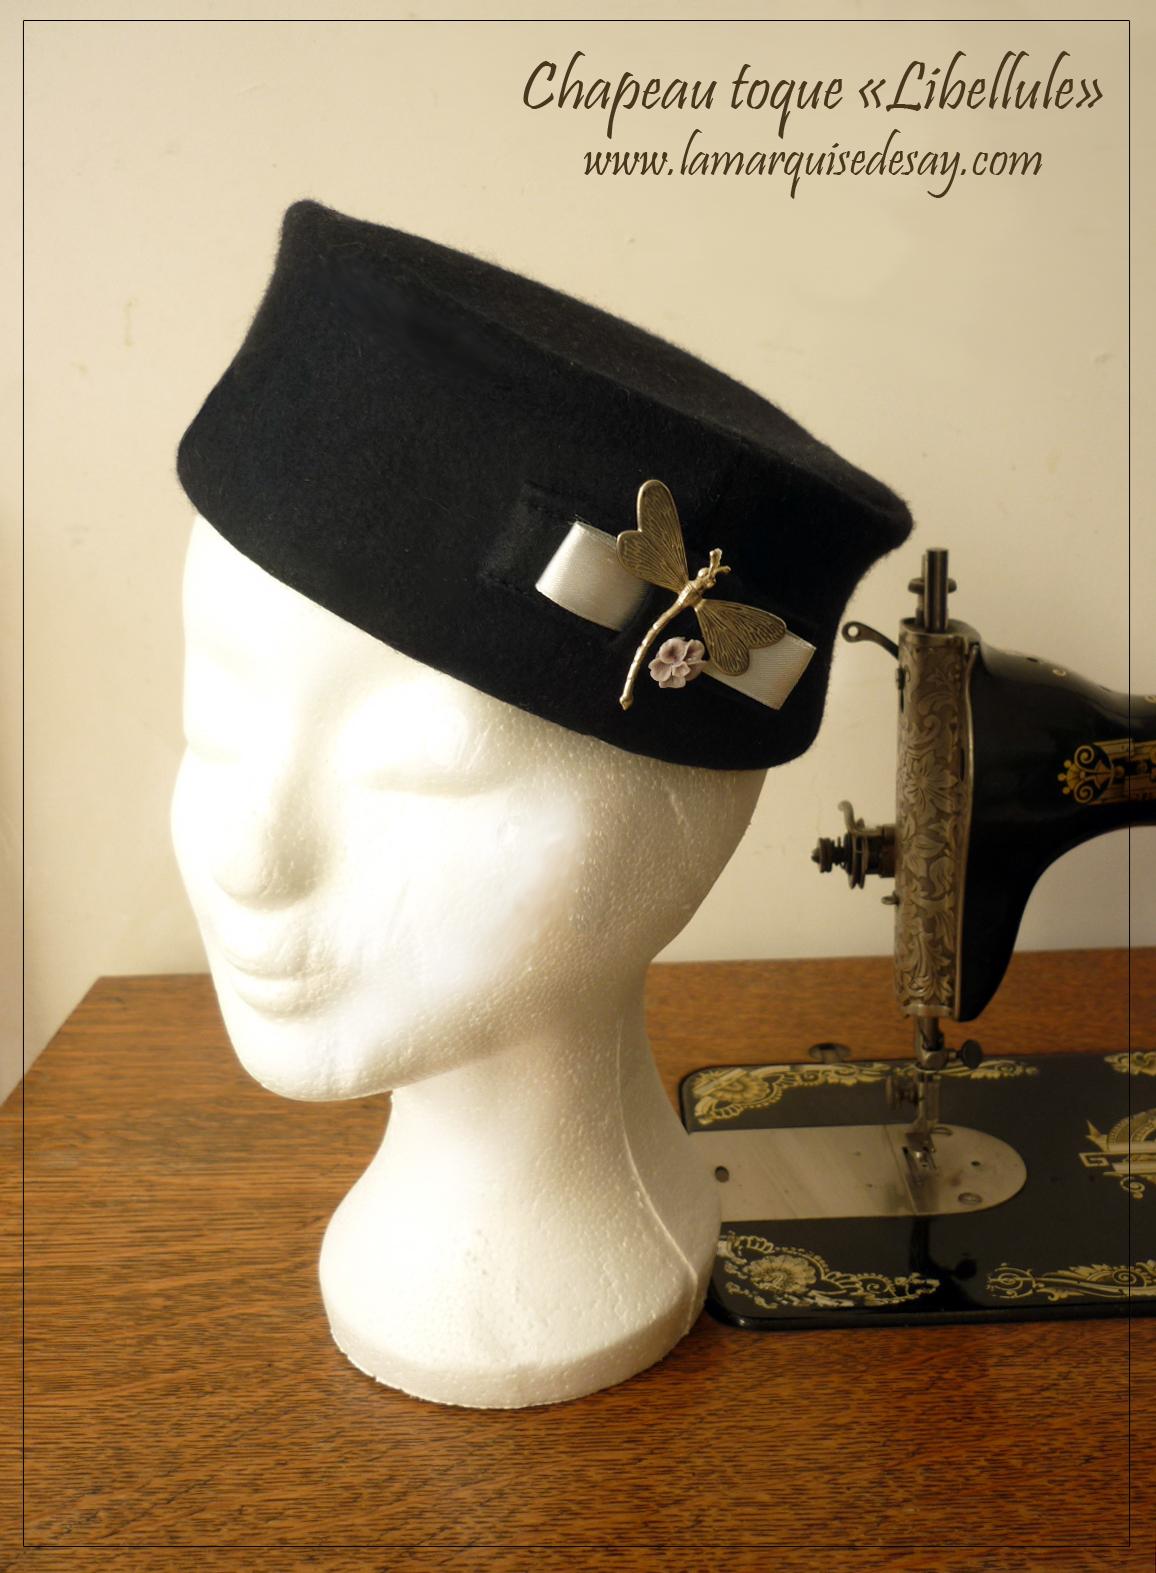 Chapeau toque - chapeau en feutre